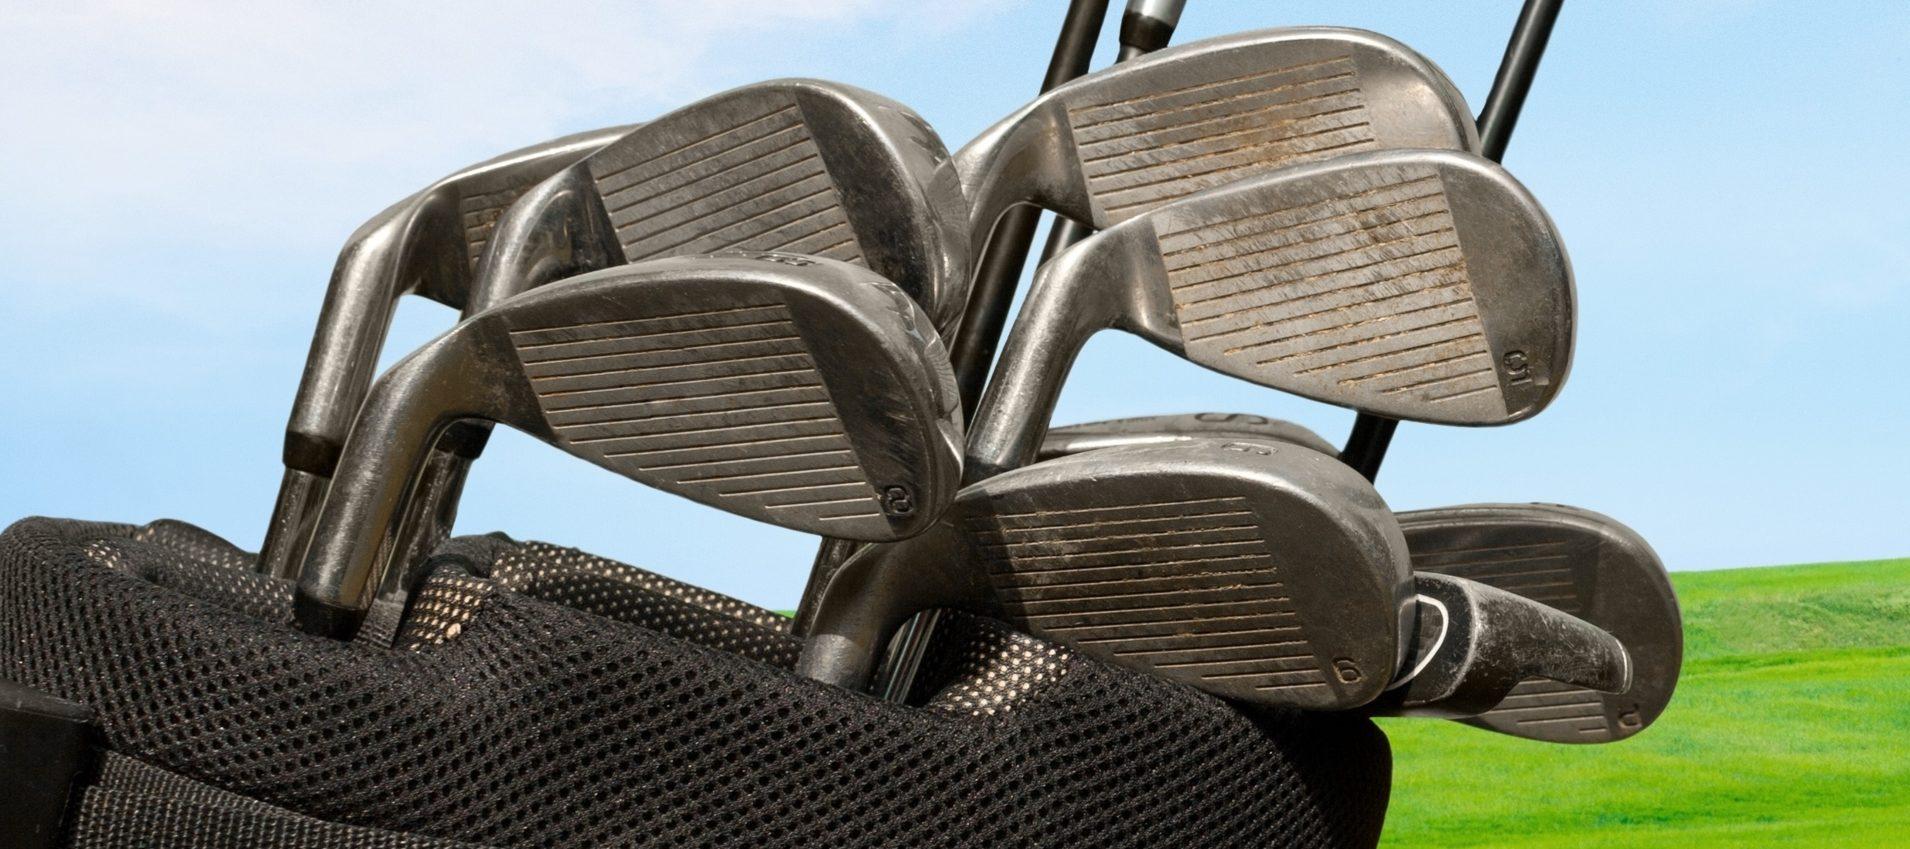 Golfclub: Wat zijn de beste golfclubs van 2021?